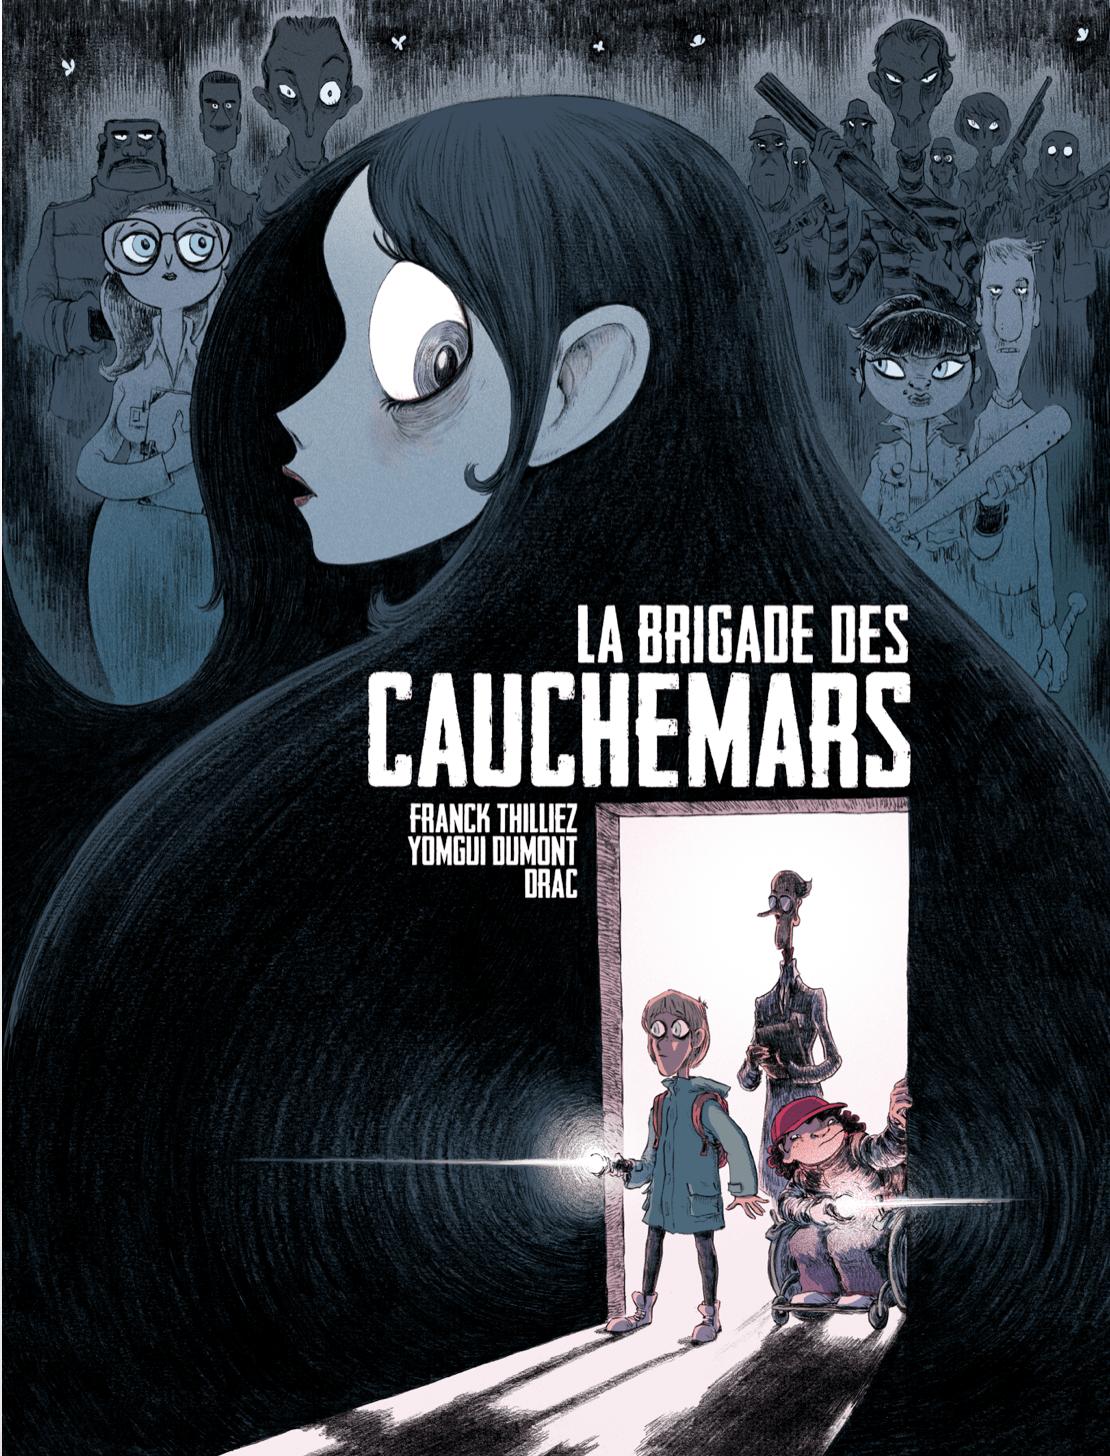 La Brigade des Cauchemars, Franck Thilliez débute dans la nouvelle série Frissons